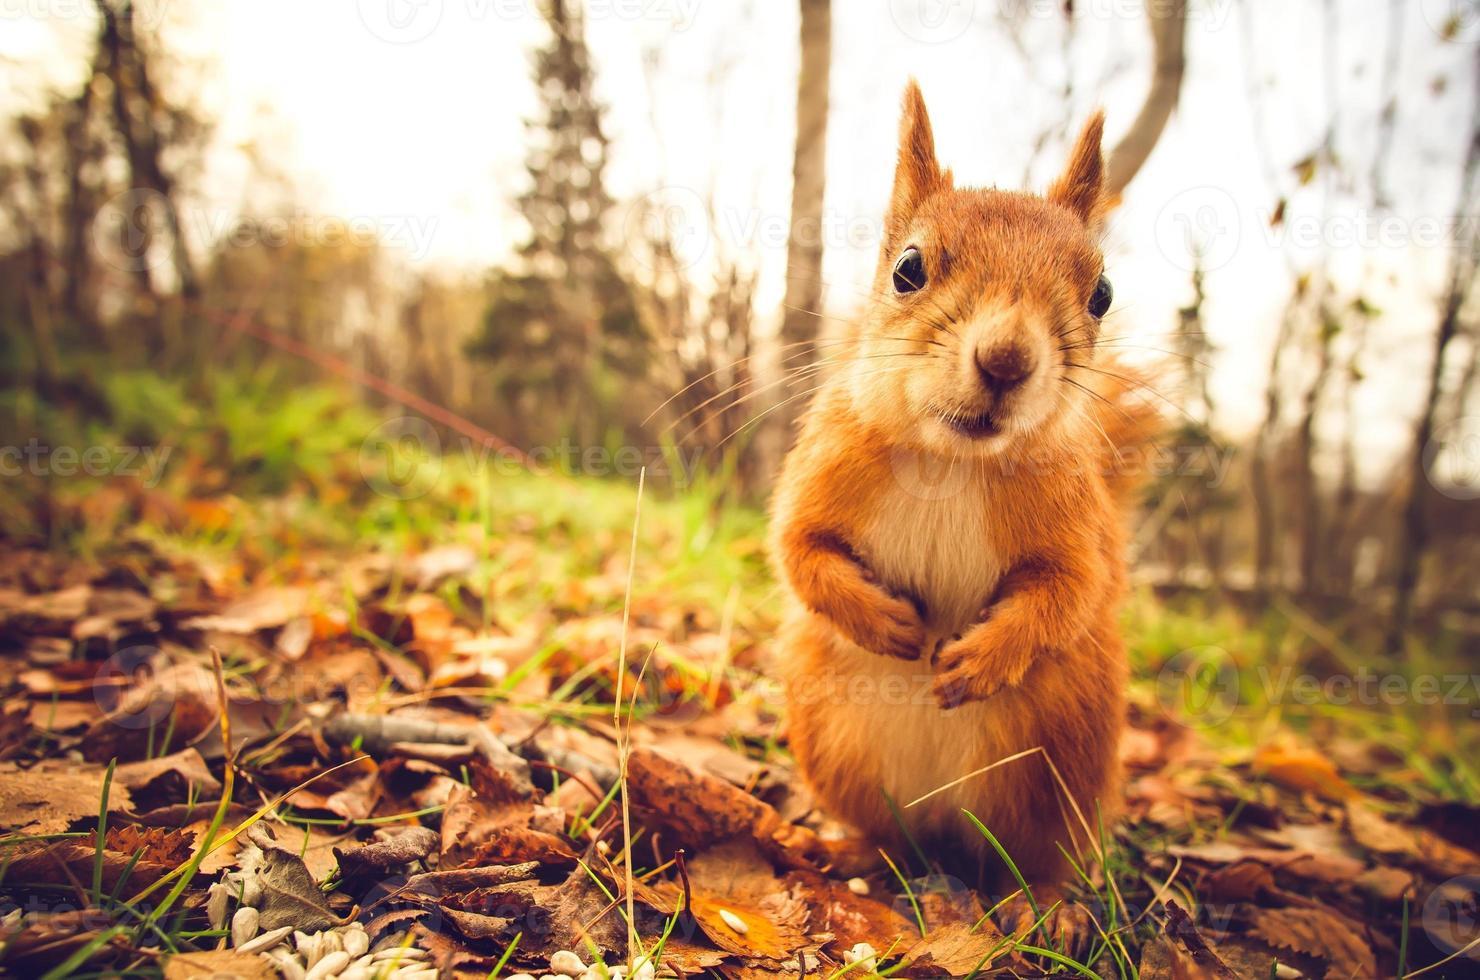 scoiattolo pelliccia rossa animali divertenti natura selvaggia animali tematici foto